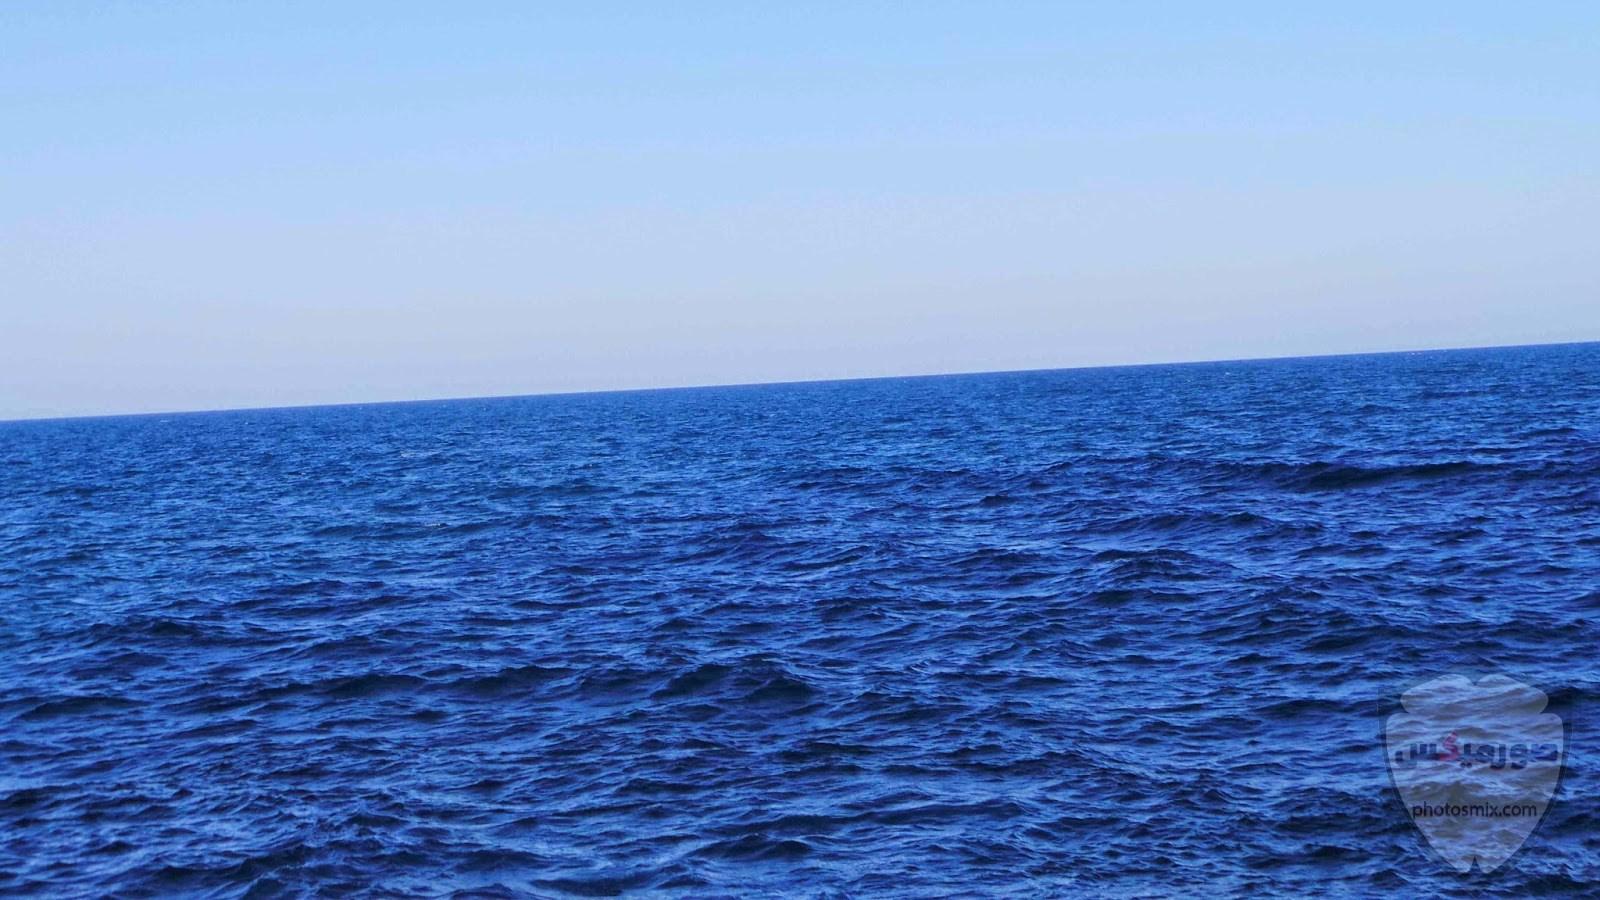 صور البحر 2020 خلفيات بحر وسفن للفوتوشوب 4